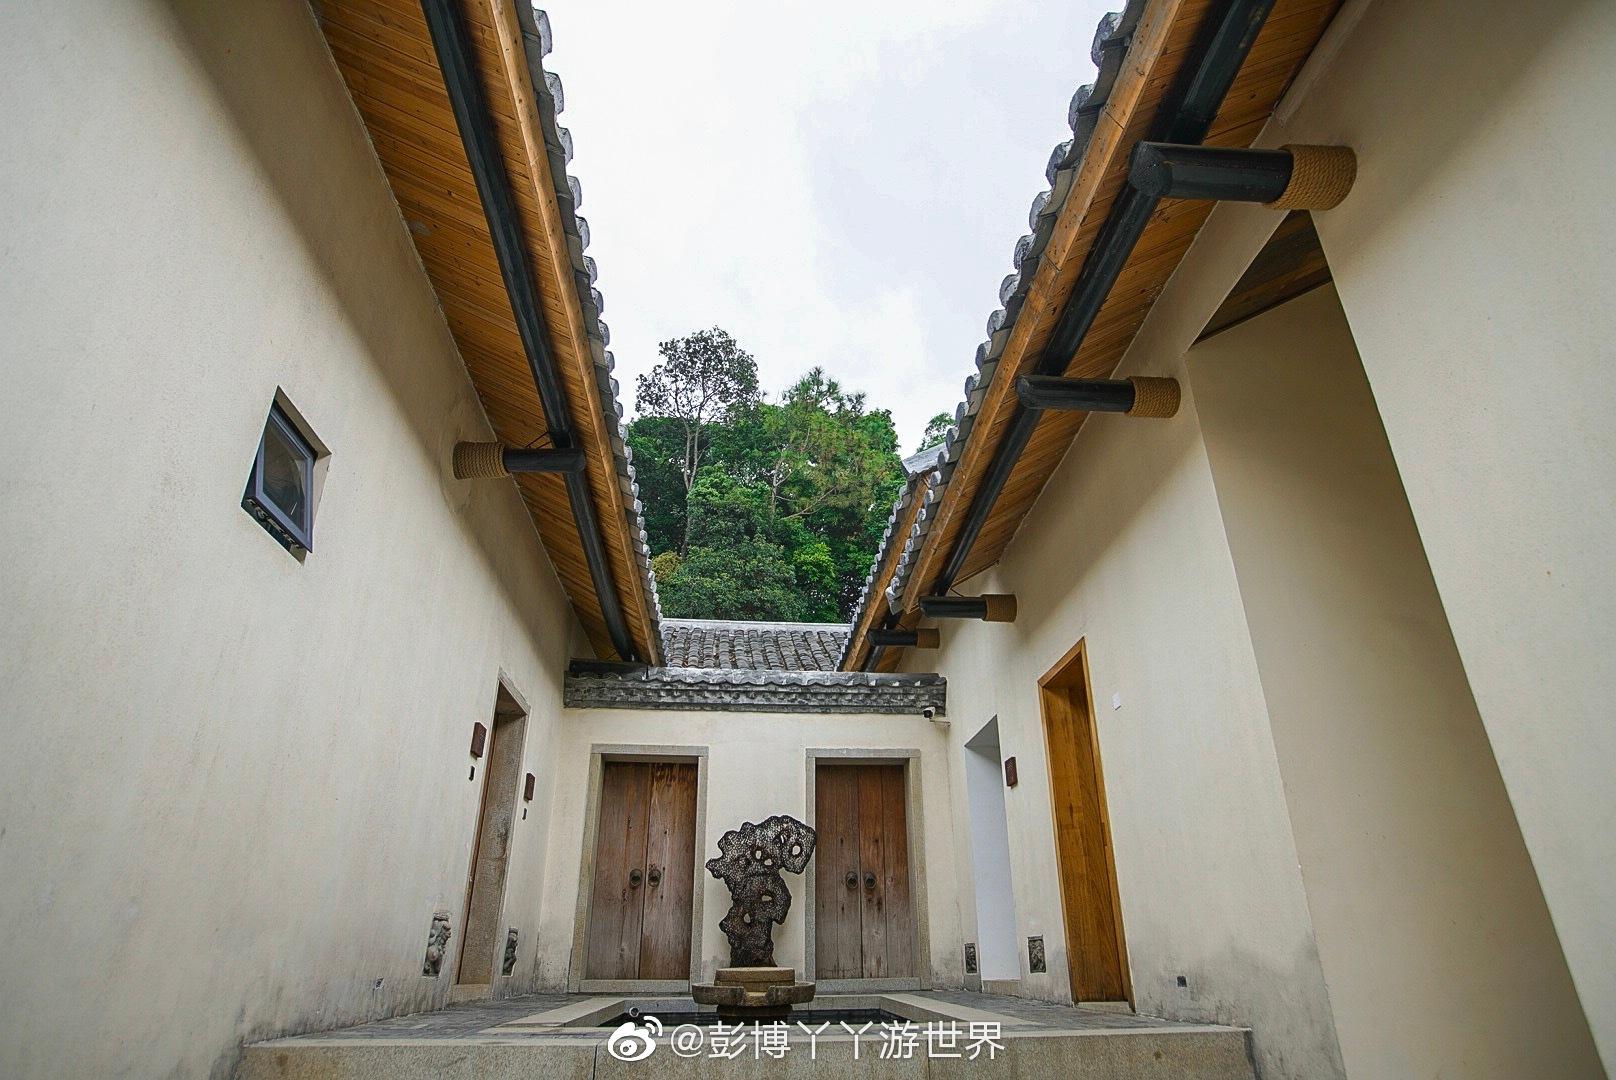 新年的惠州旅行 走访了很多有意思的民宿